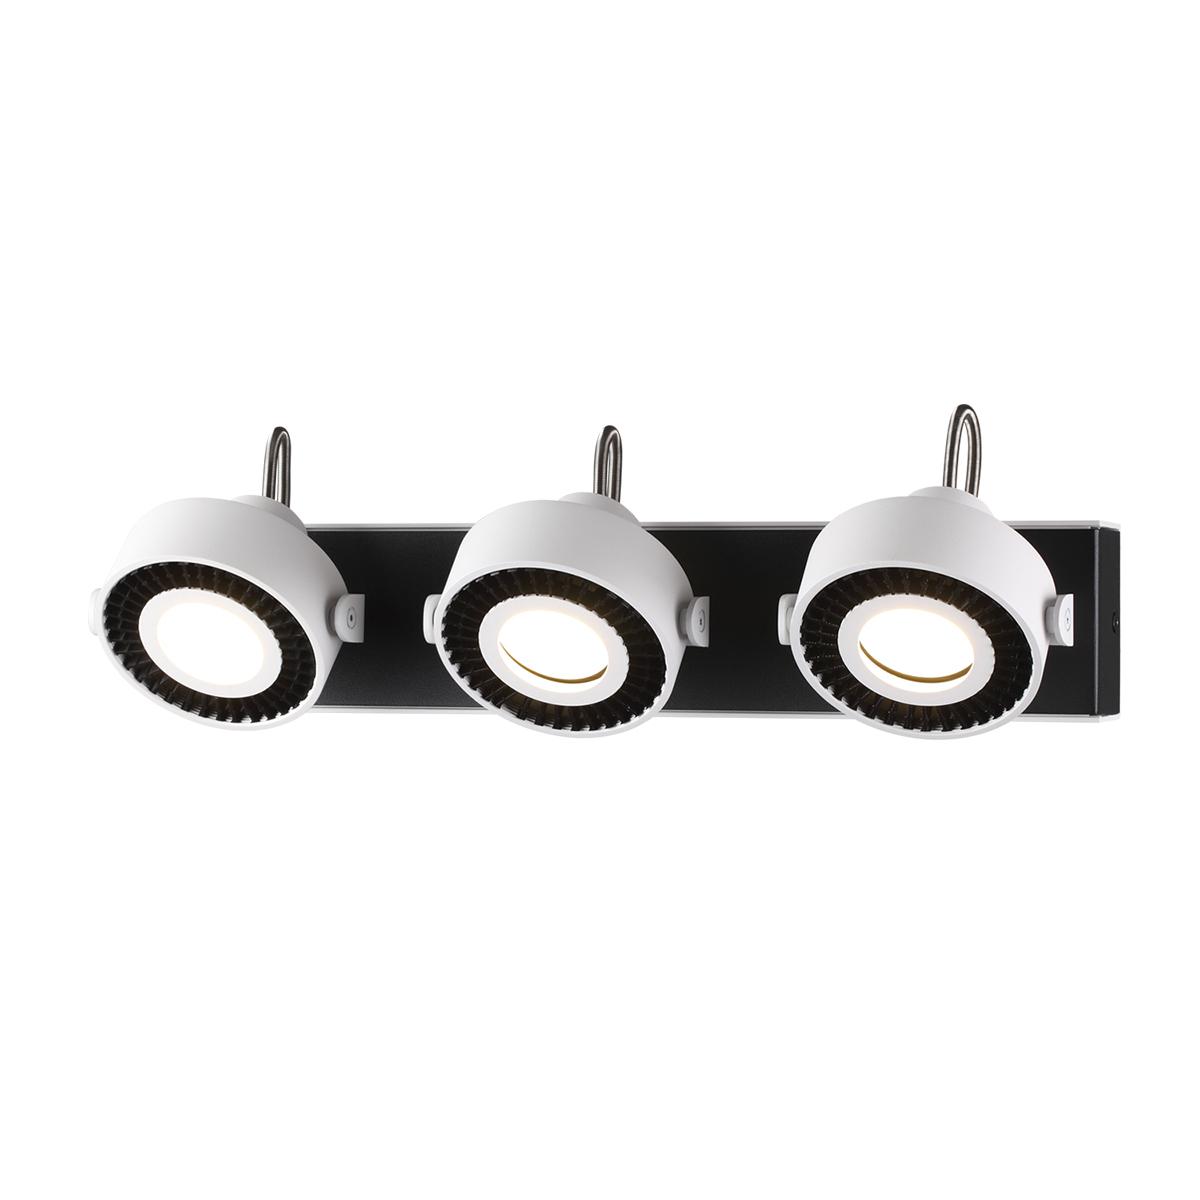 Потолочный светильник с регулировкой направления света Odeon Light Satelium 3490/3W, 3xGU10x50W, белый, черный, металл - фото 1